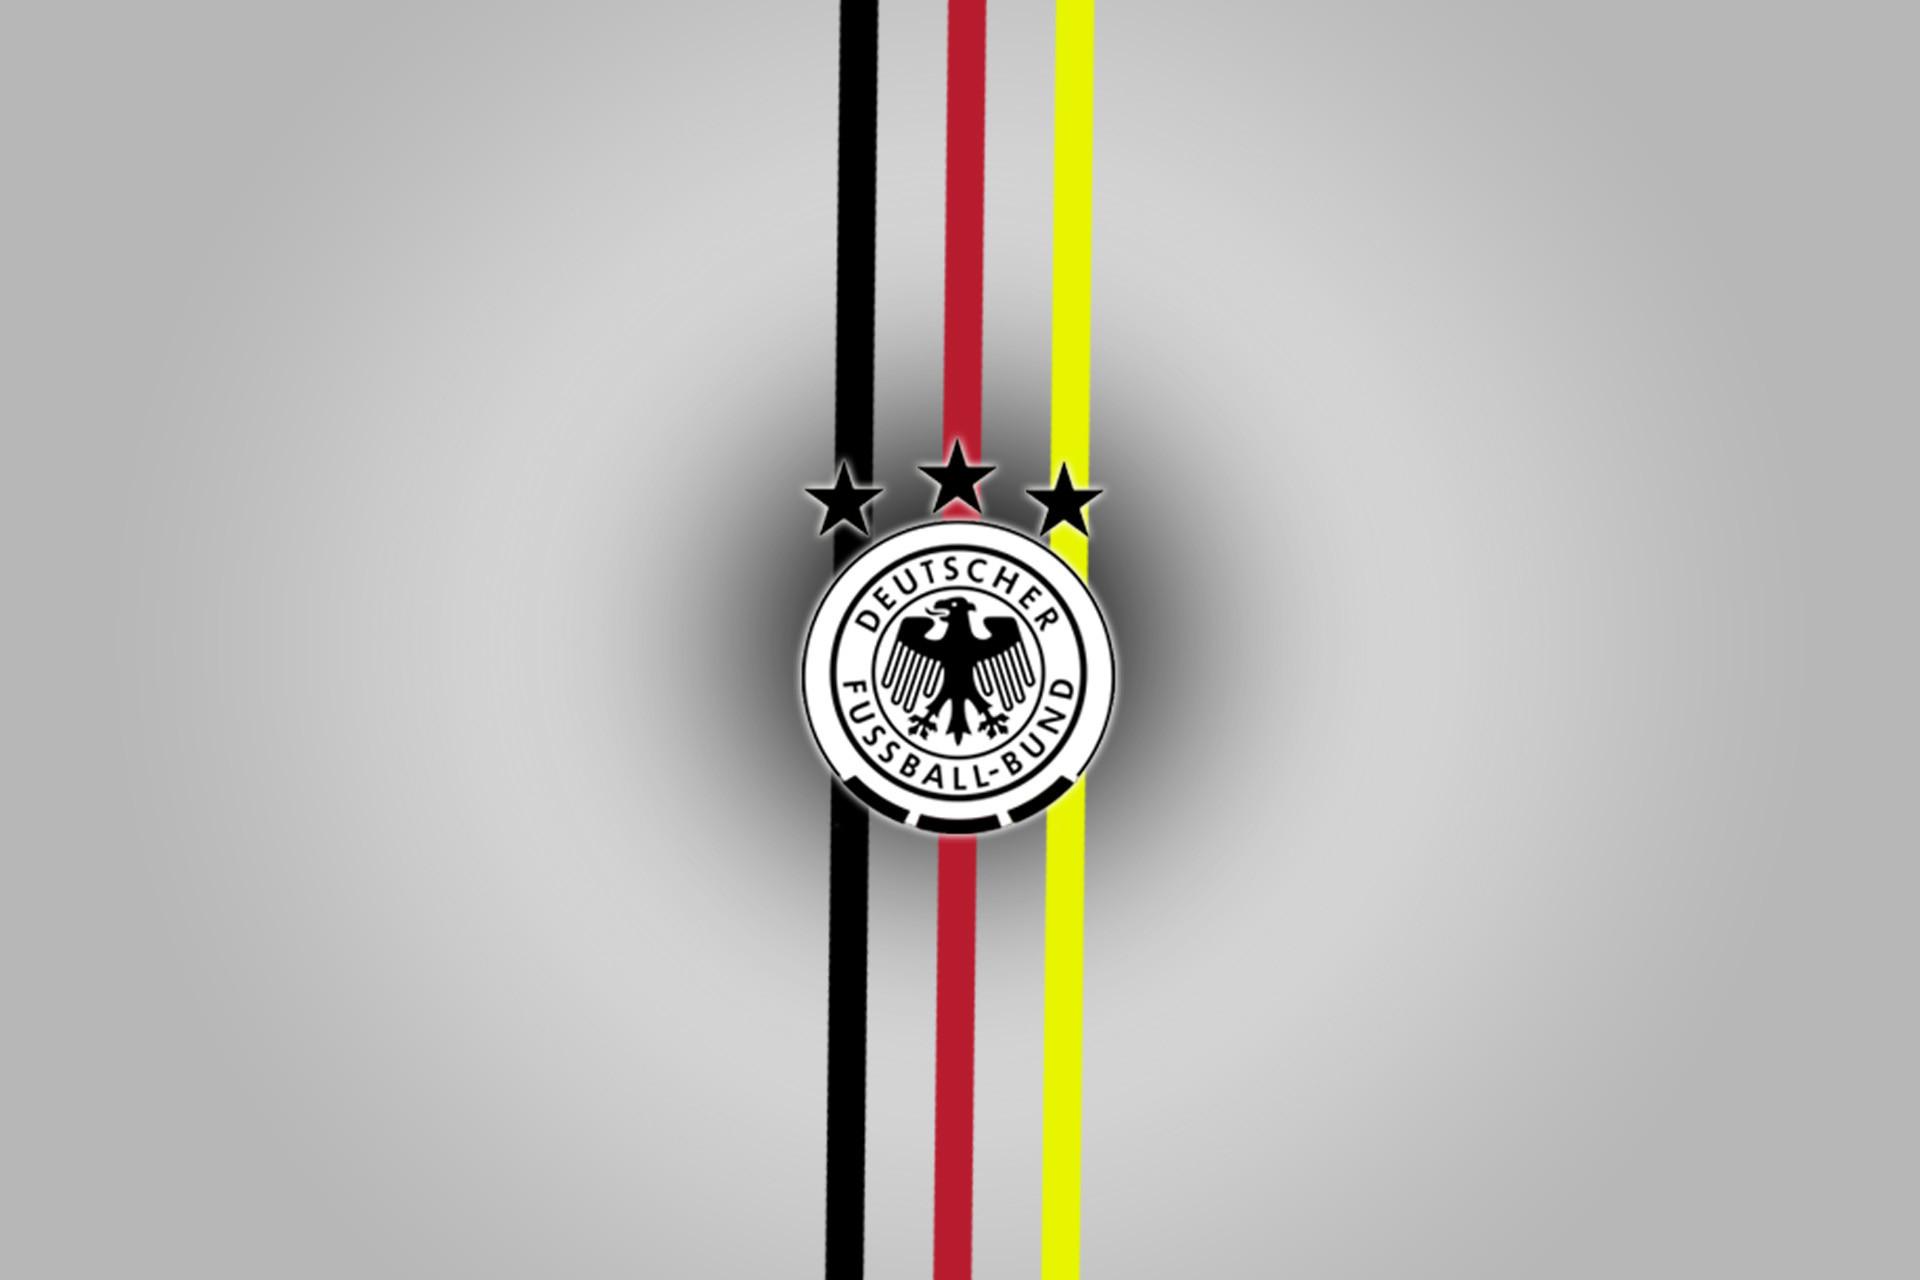 Deutschland Fußball Logo Wallpaper